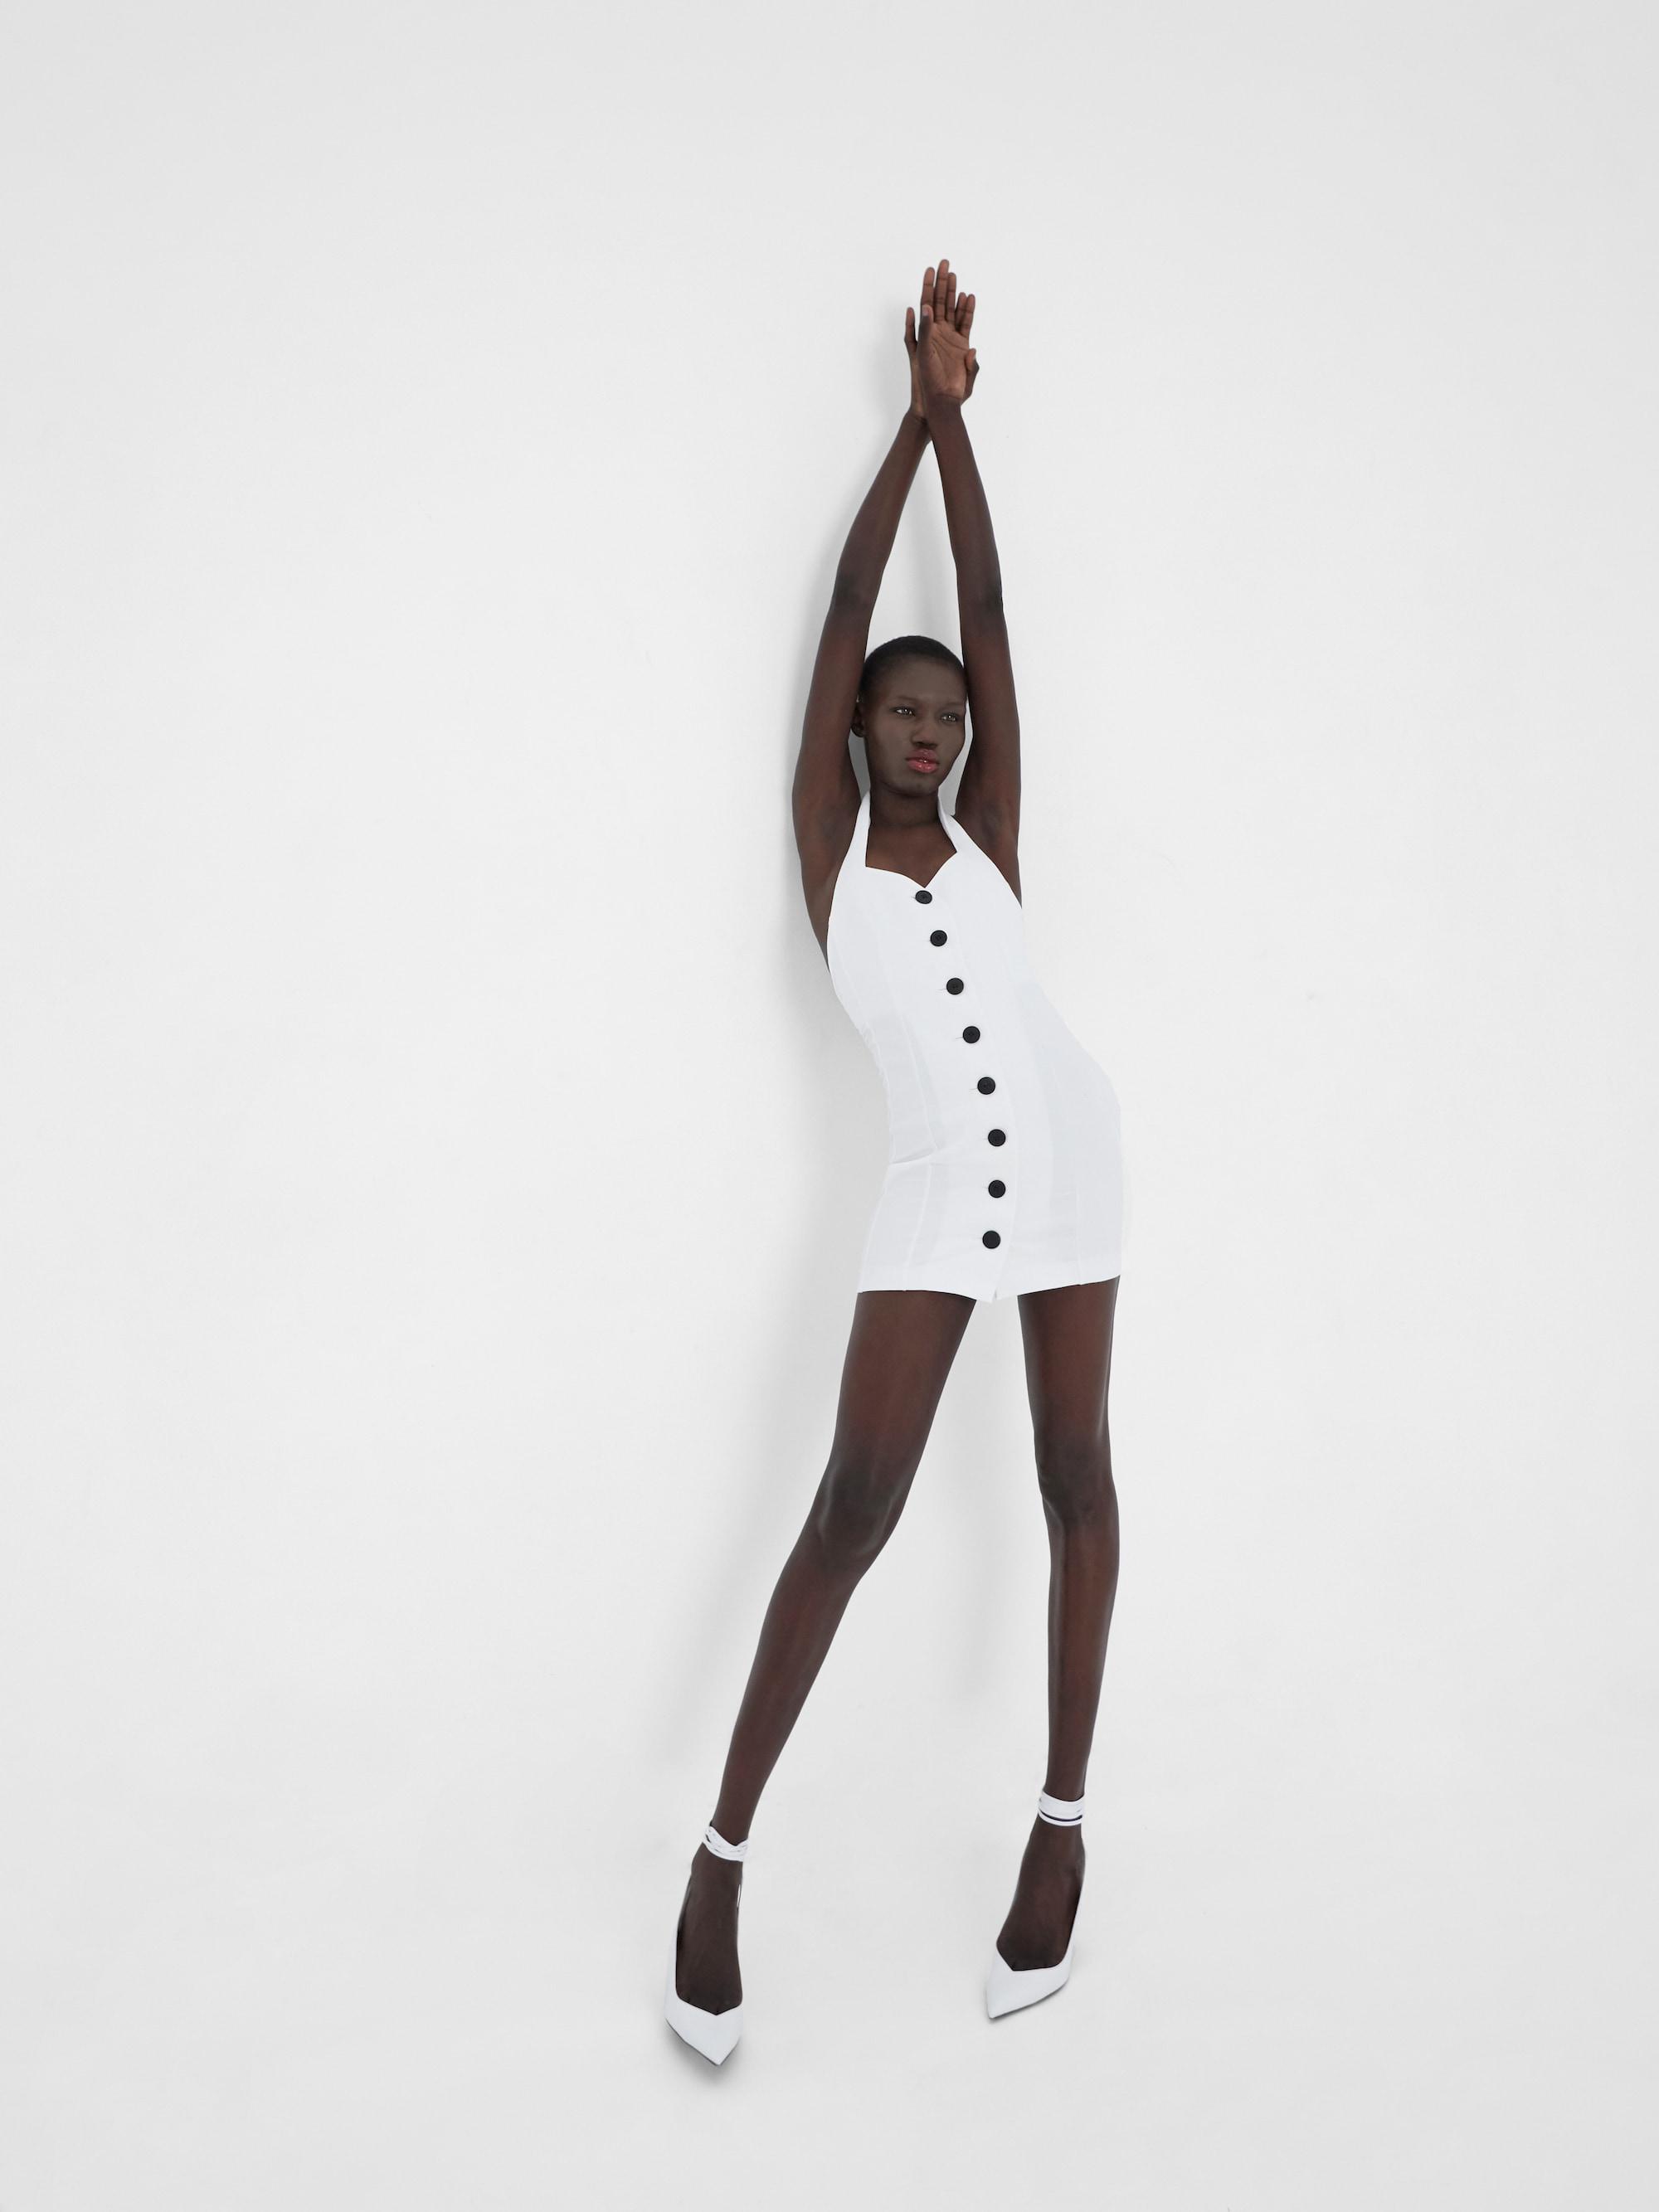 View 2 of model wearing Klaz Mini Dress in ivory.